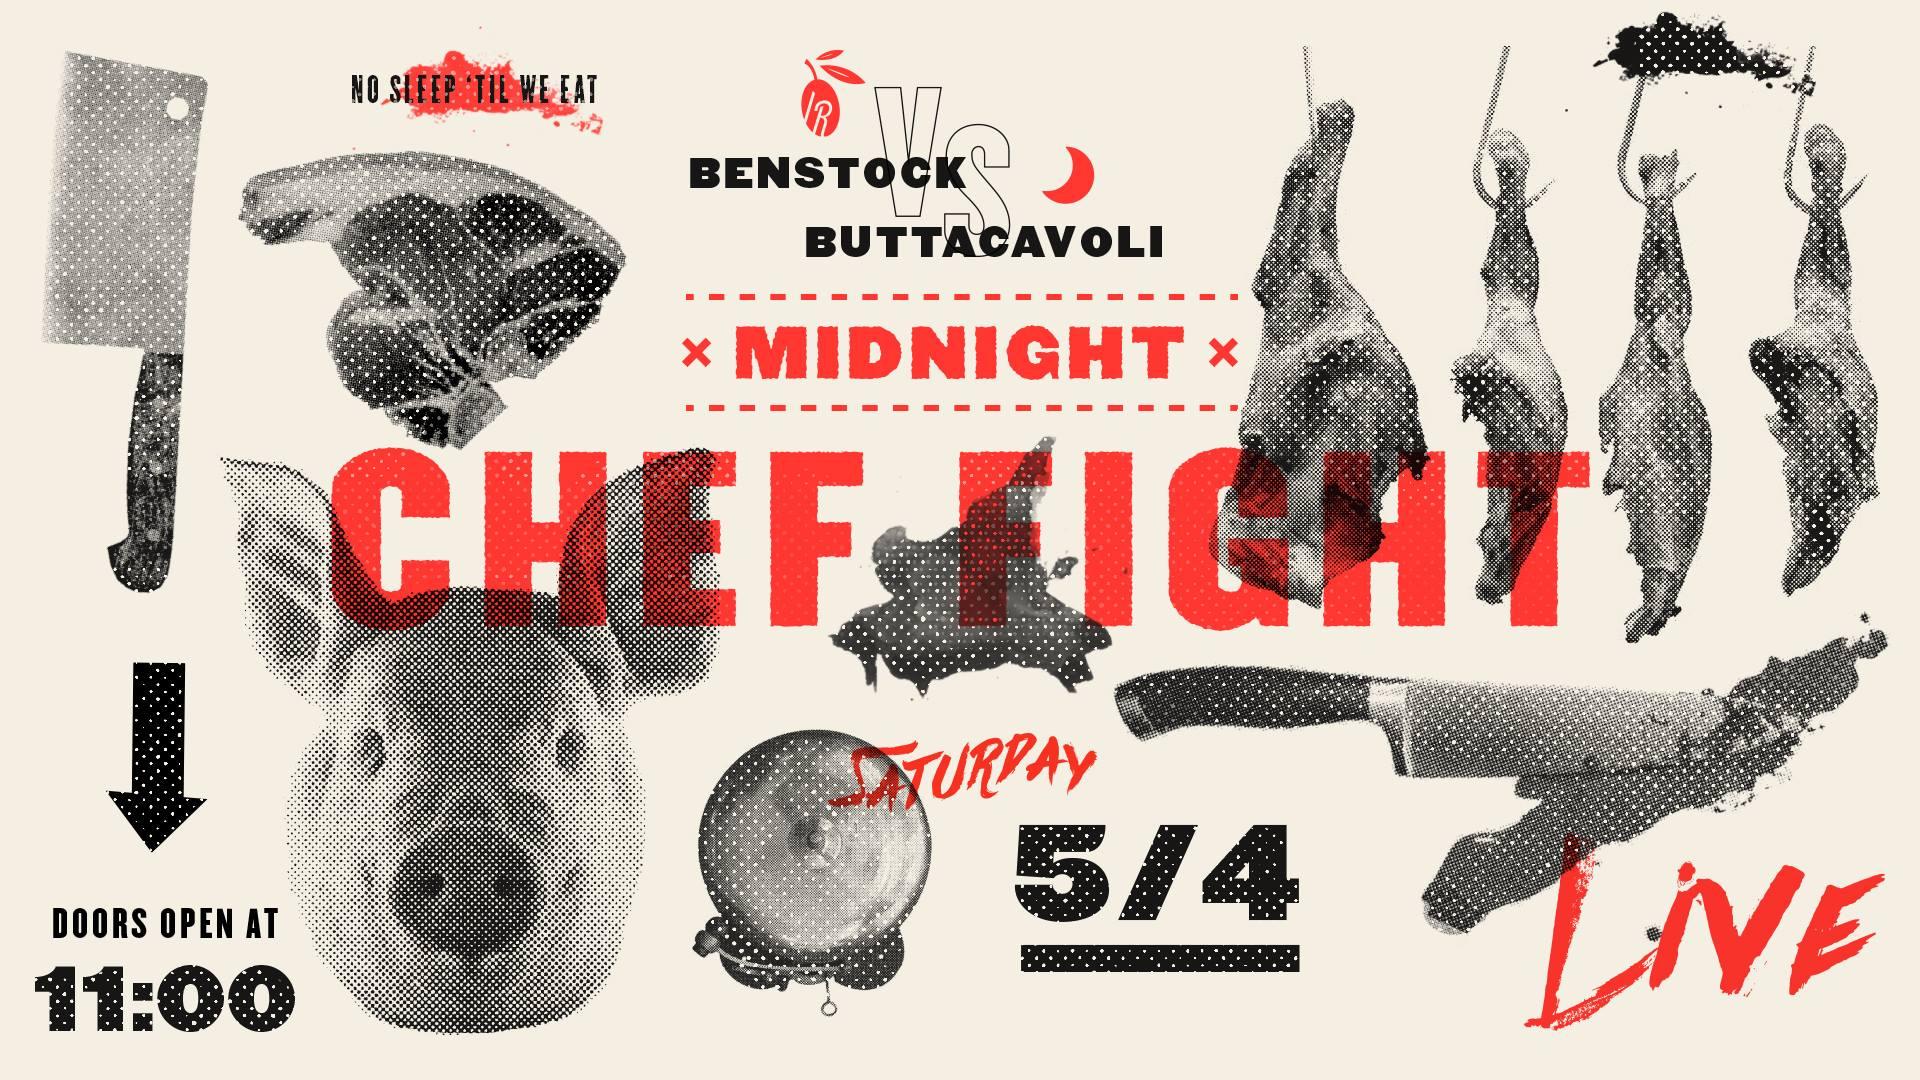 IL RITORNO TO HOST 'MIDNIGHT CHEF FIGHT' SERIES, LAUNCHING IN MAYIL RITORNO TO HOST 'MIDNIGHT CHEF FIGHT' SERIES, LAUNCHING IN MAY